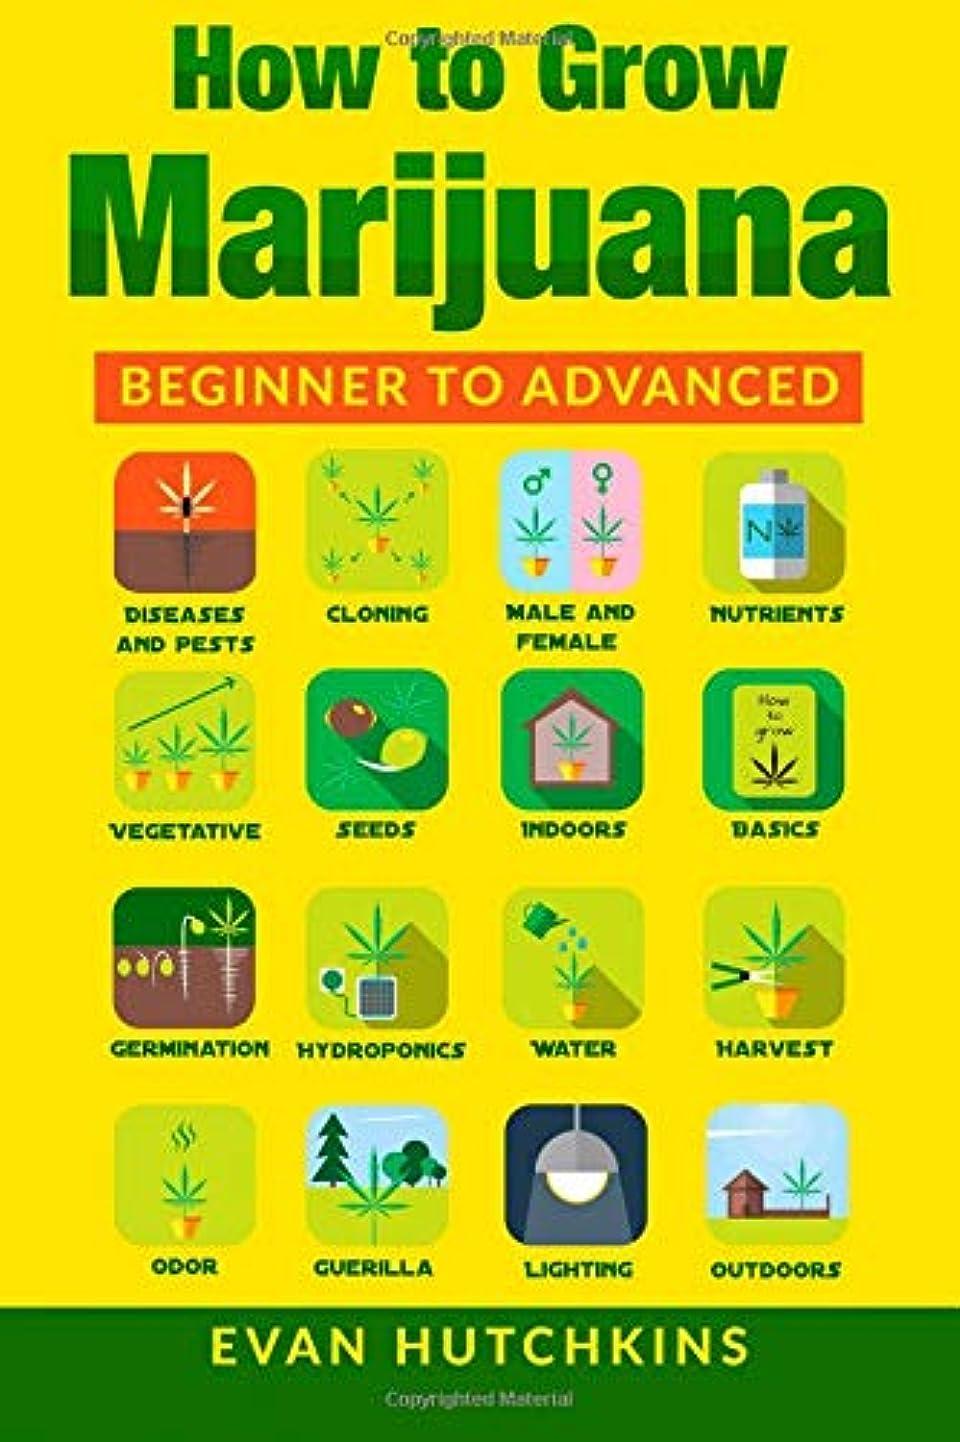 人里離れた世界に死んだ交じるHow to Grow Marijuana: Beginners to Advanced -Growing Medicinal Cannabis Indoors for Medicinal Use